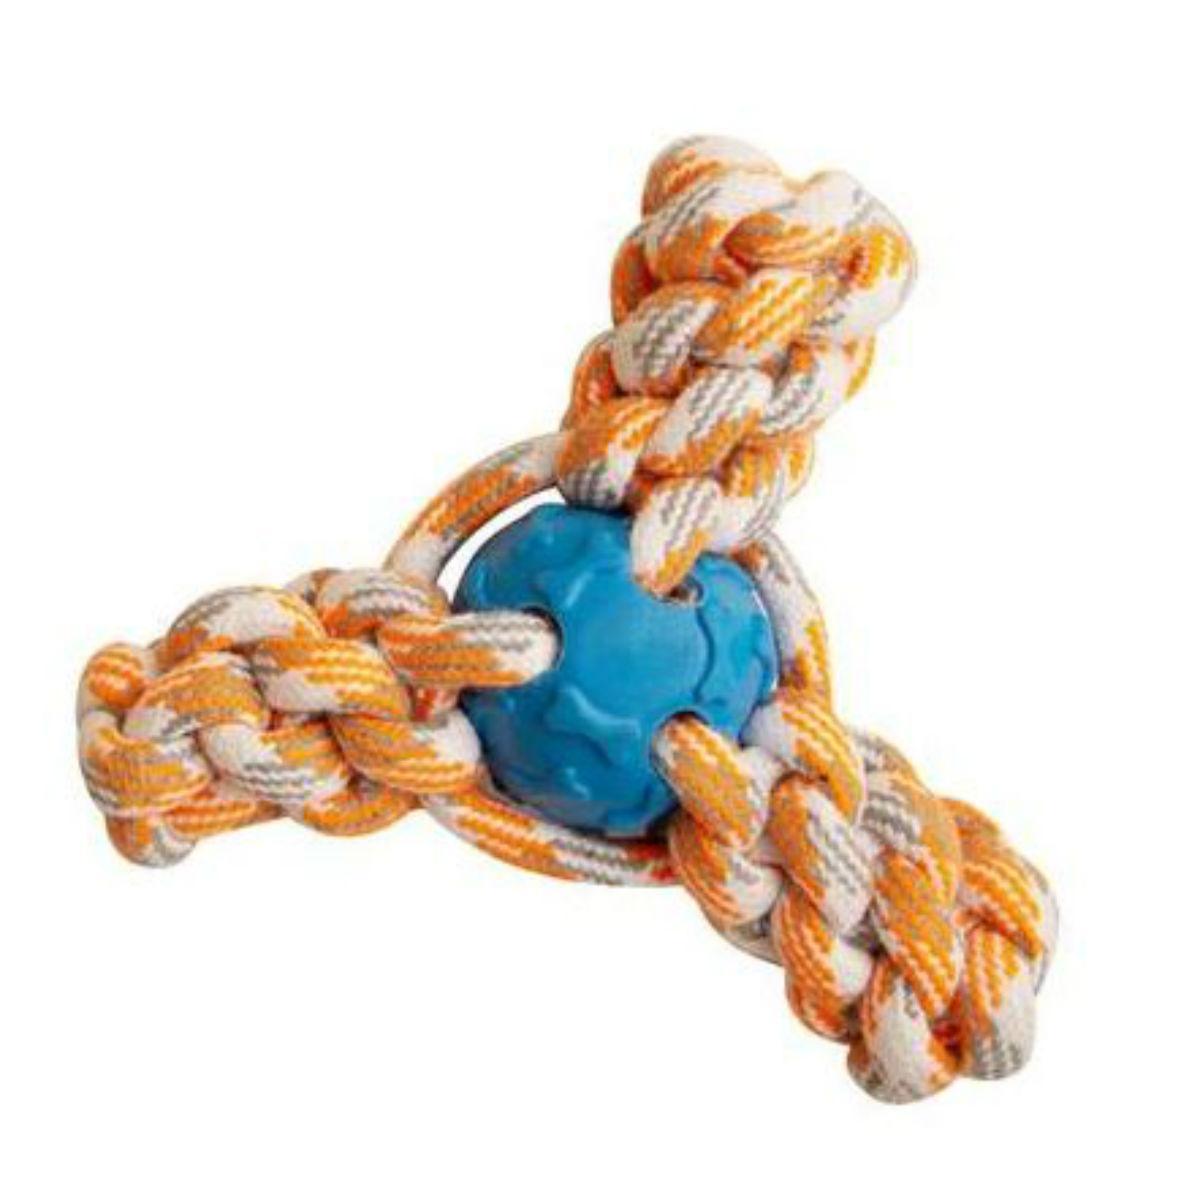 Snugarooz Fling 'N Fun Rope Dog Toy - Mini